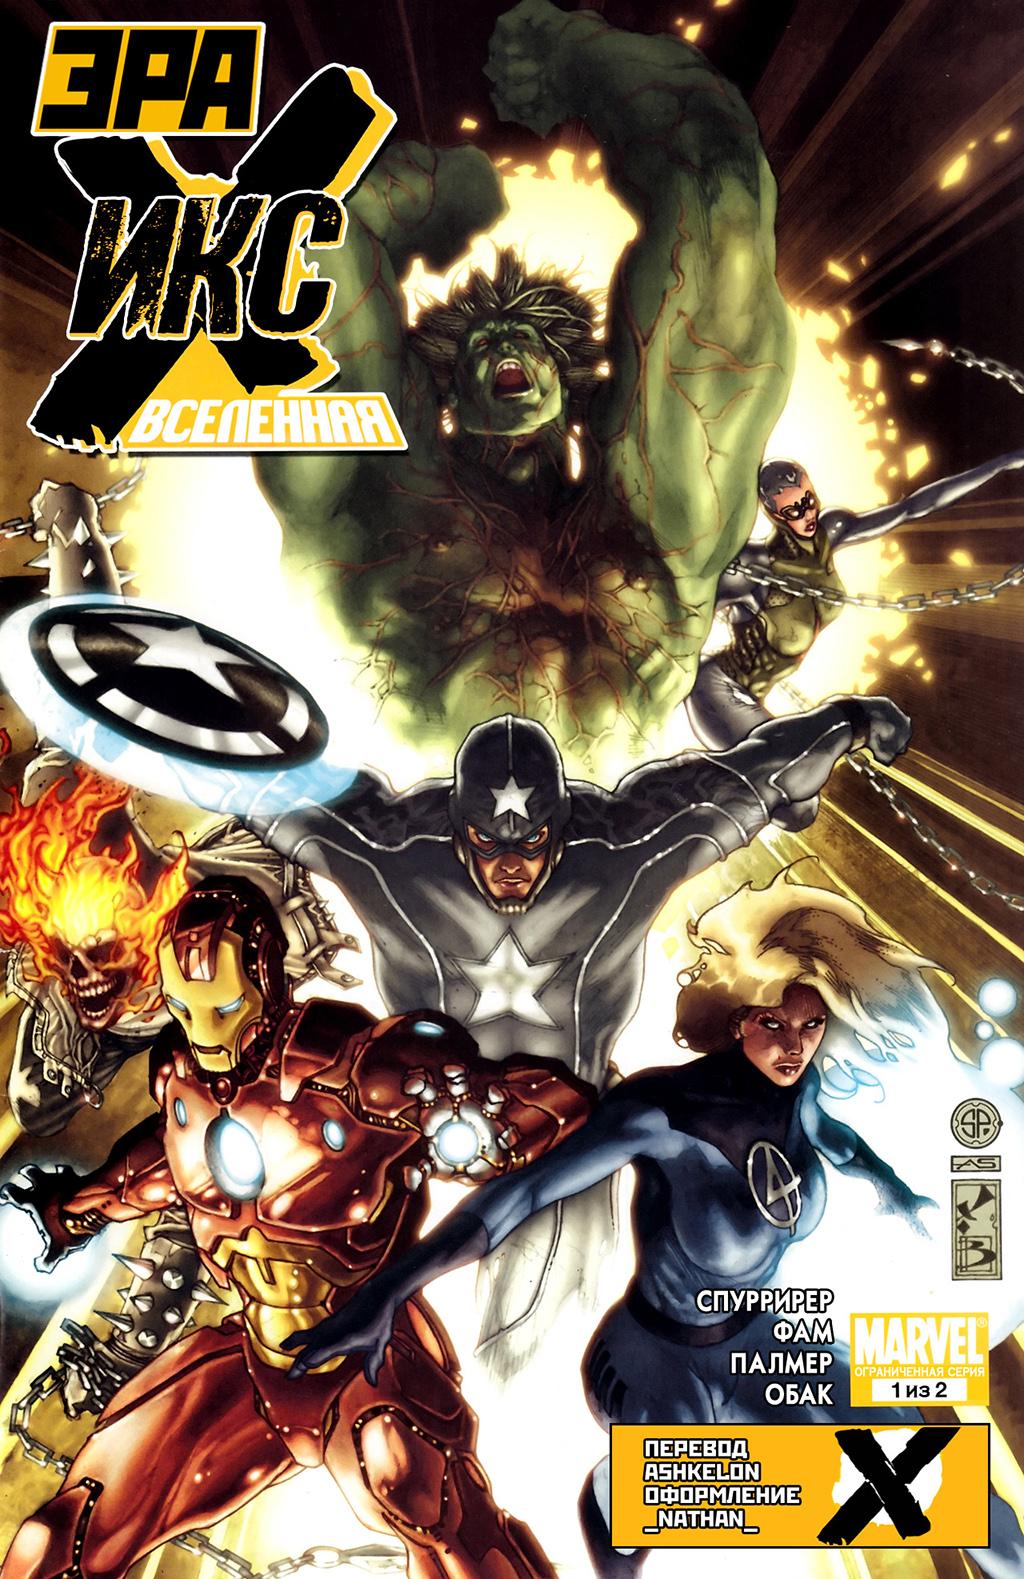 Комикс Эра Икс: Вселенная